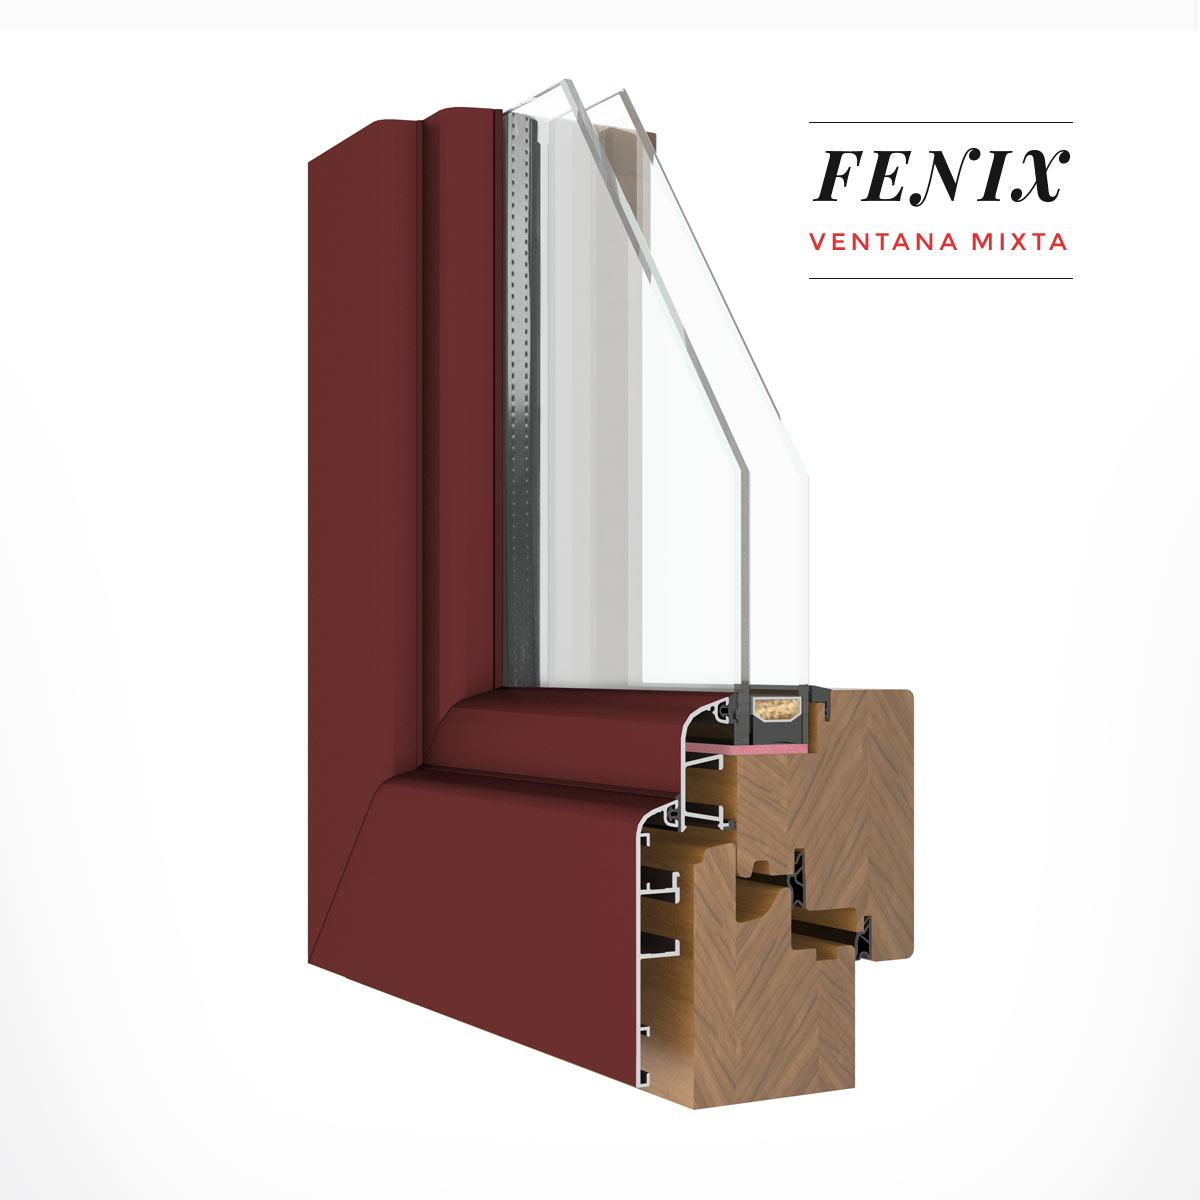 Carreté Finestres - finestra de fusta i alumini Fènix Mixta